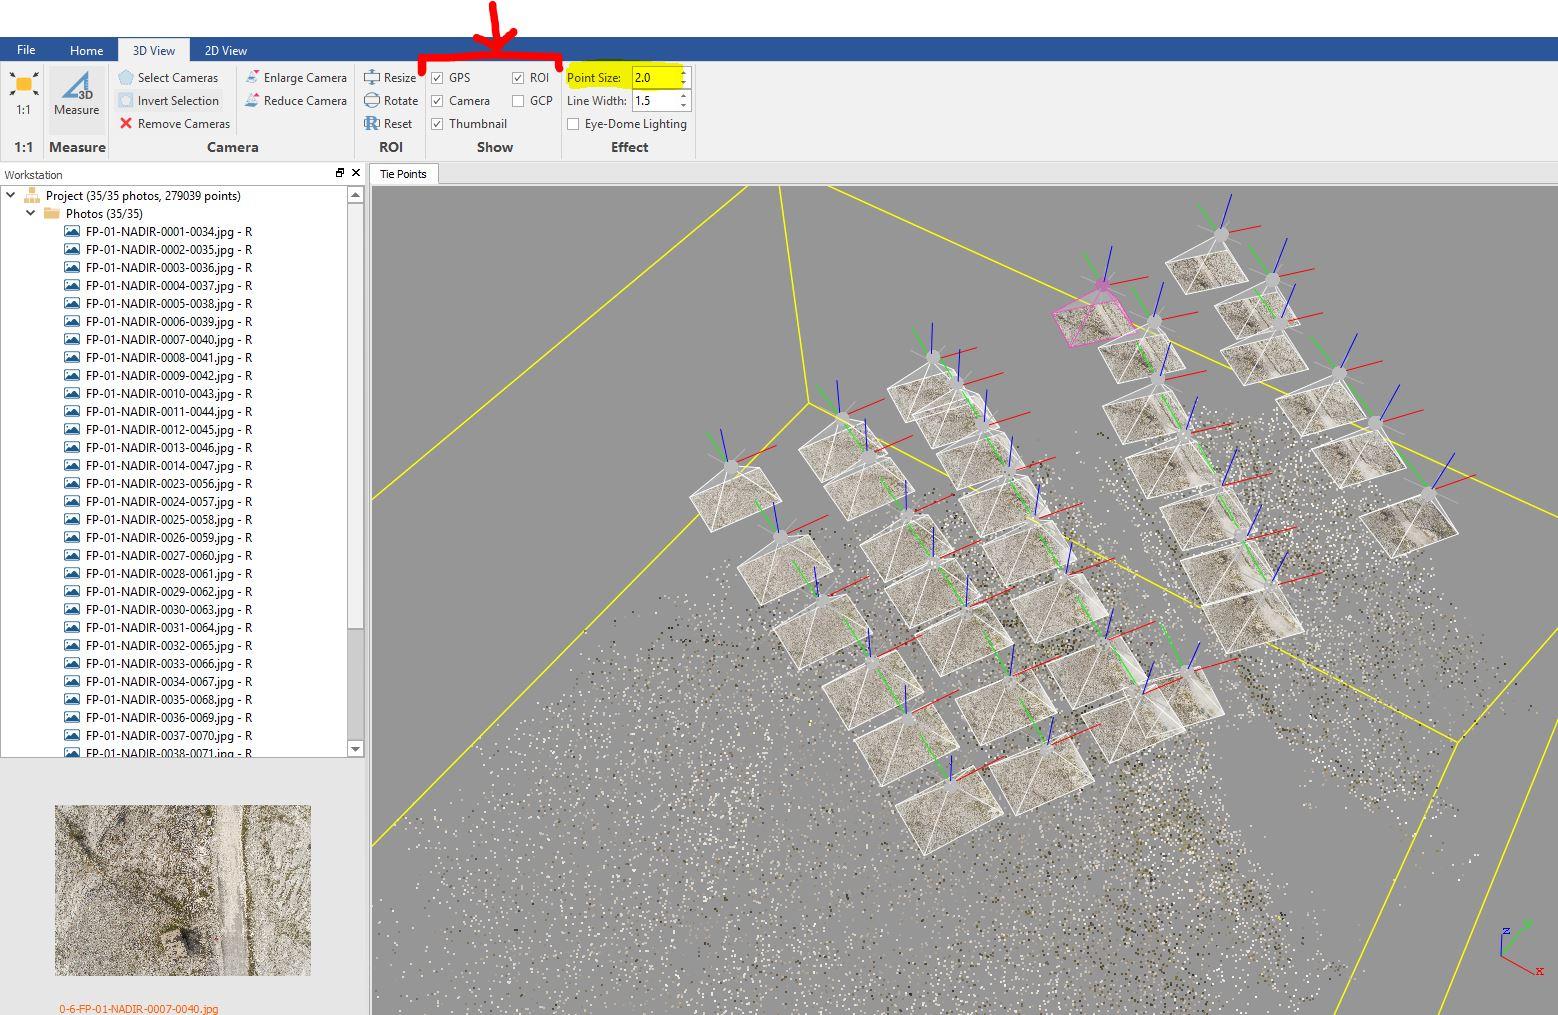 Immagine che mostra la conclusione dell'allinemento delle immagini in LiMapper